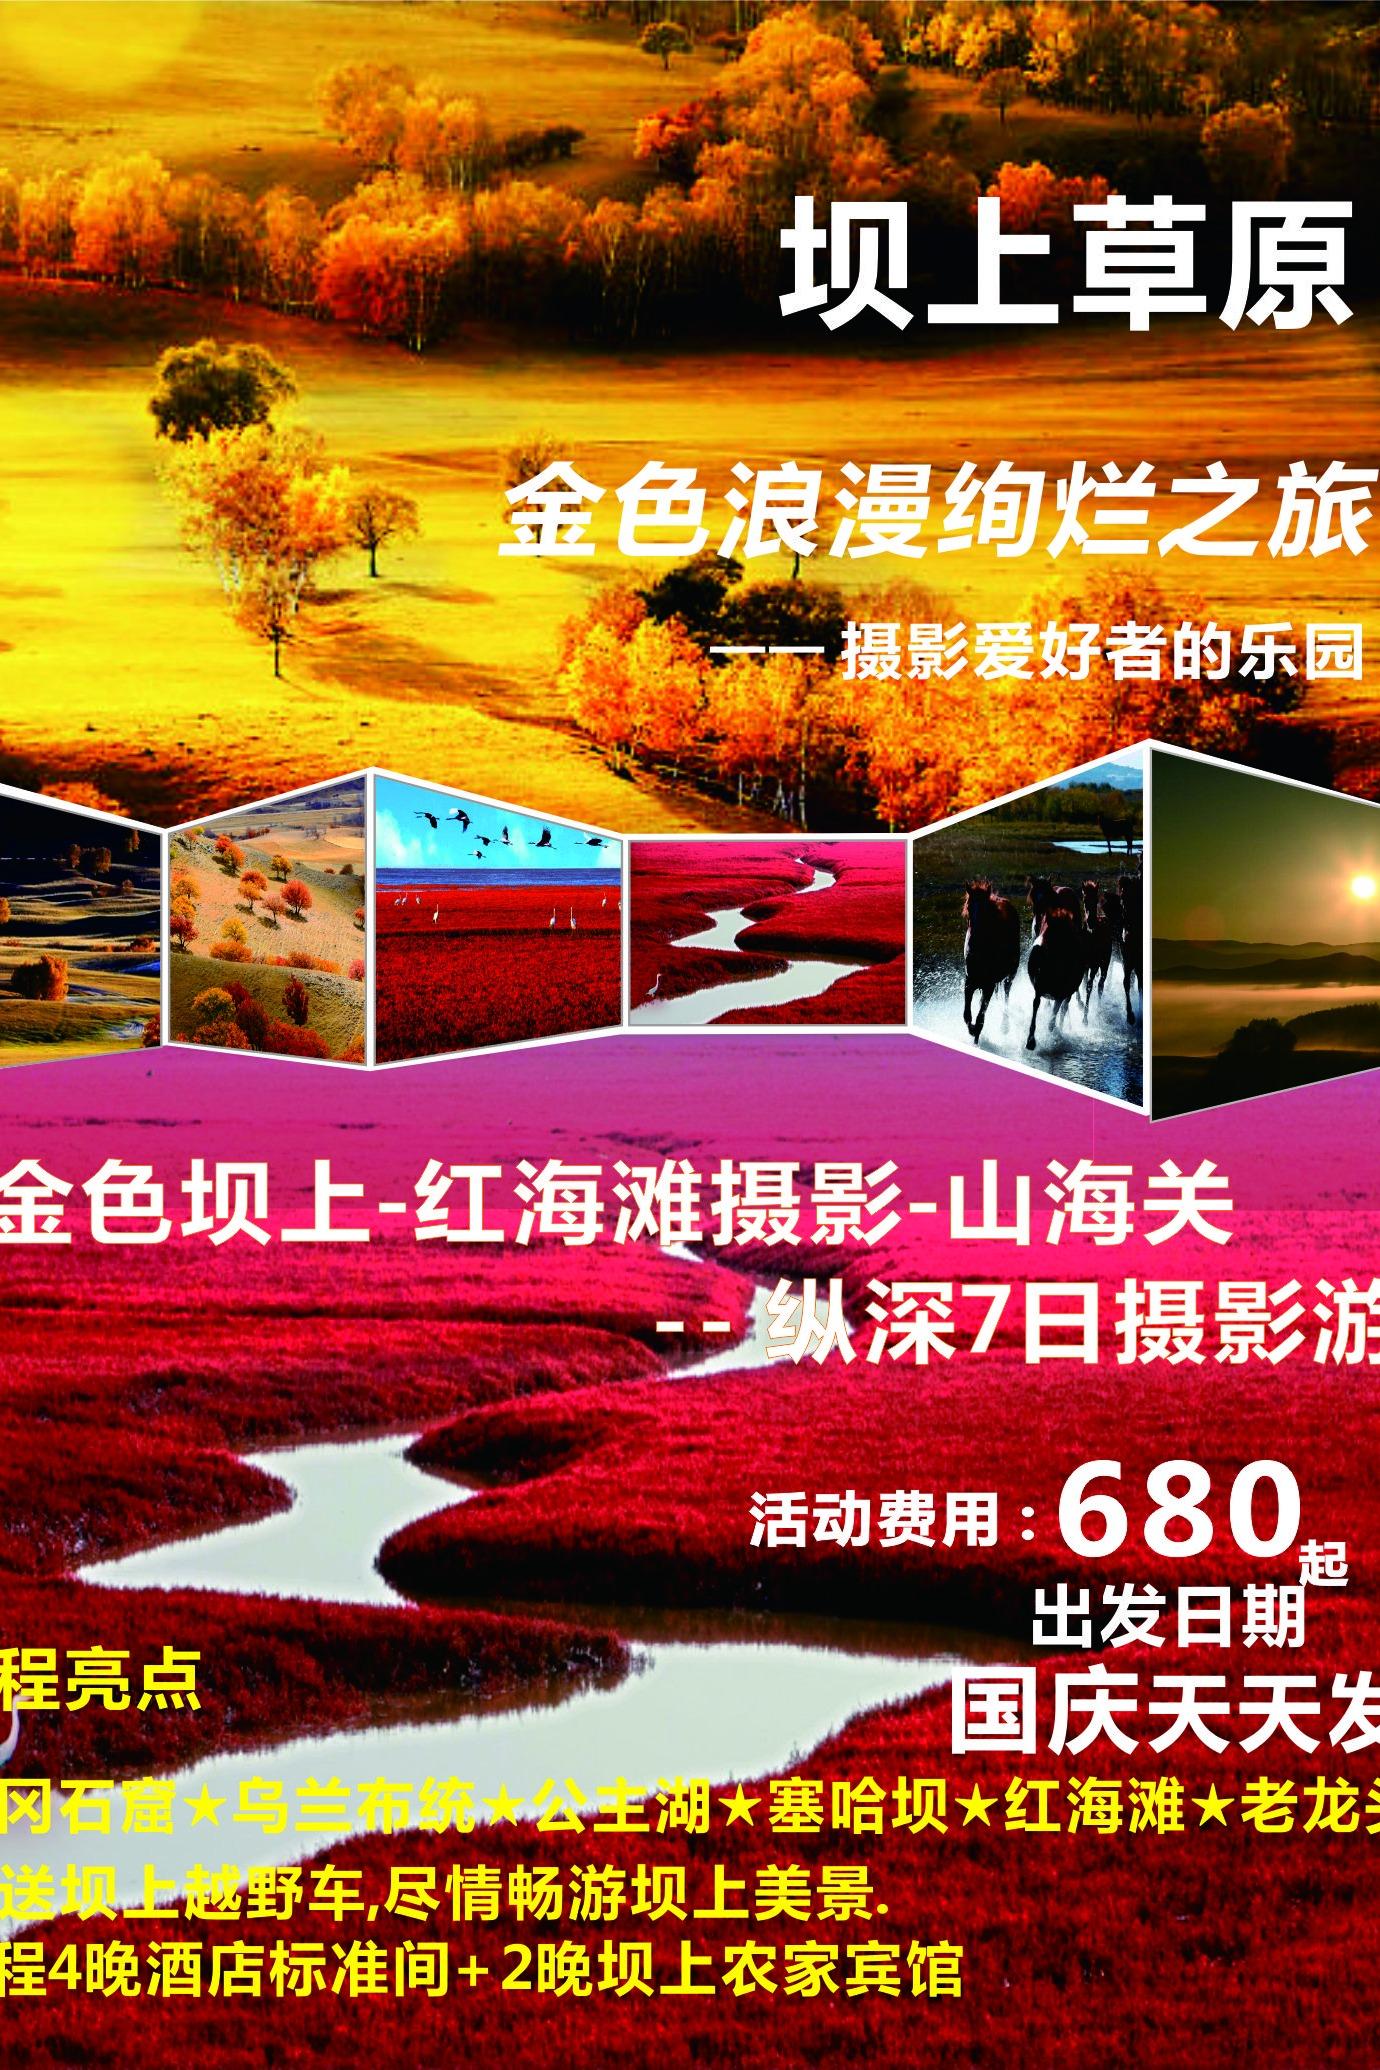 10.4号坝上草原-红海滩摄影-山海关七天摄影游